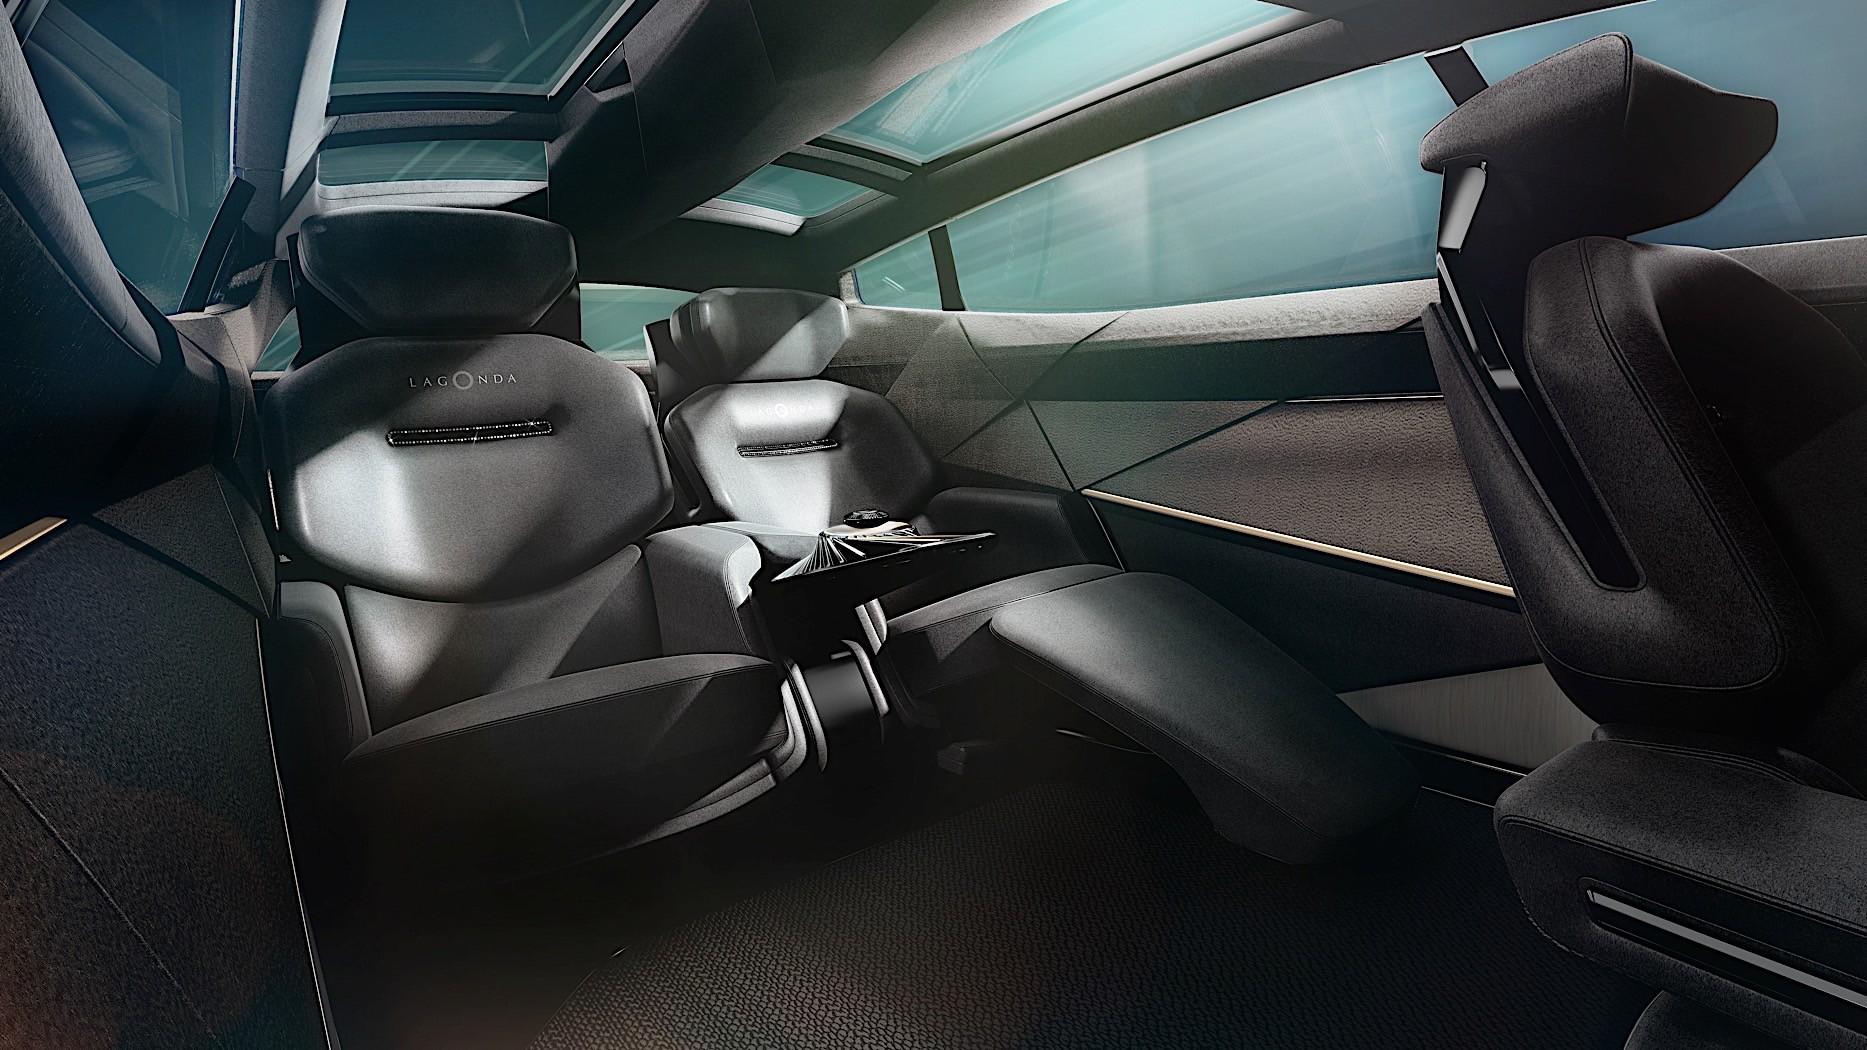 Lagonda All-Terrain Concept Previews the Luxury SUV of the ...